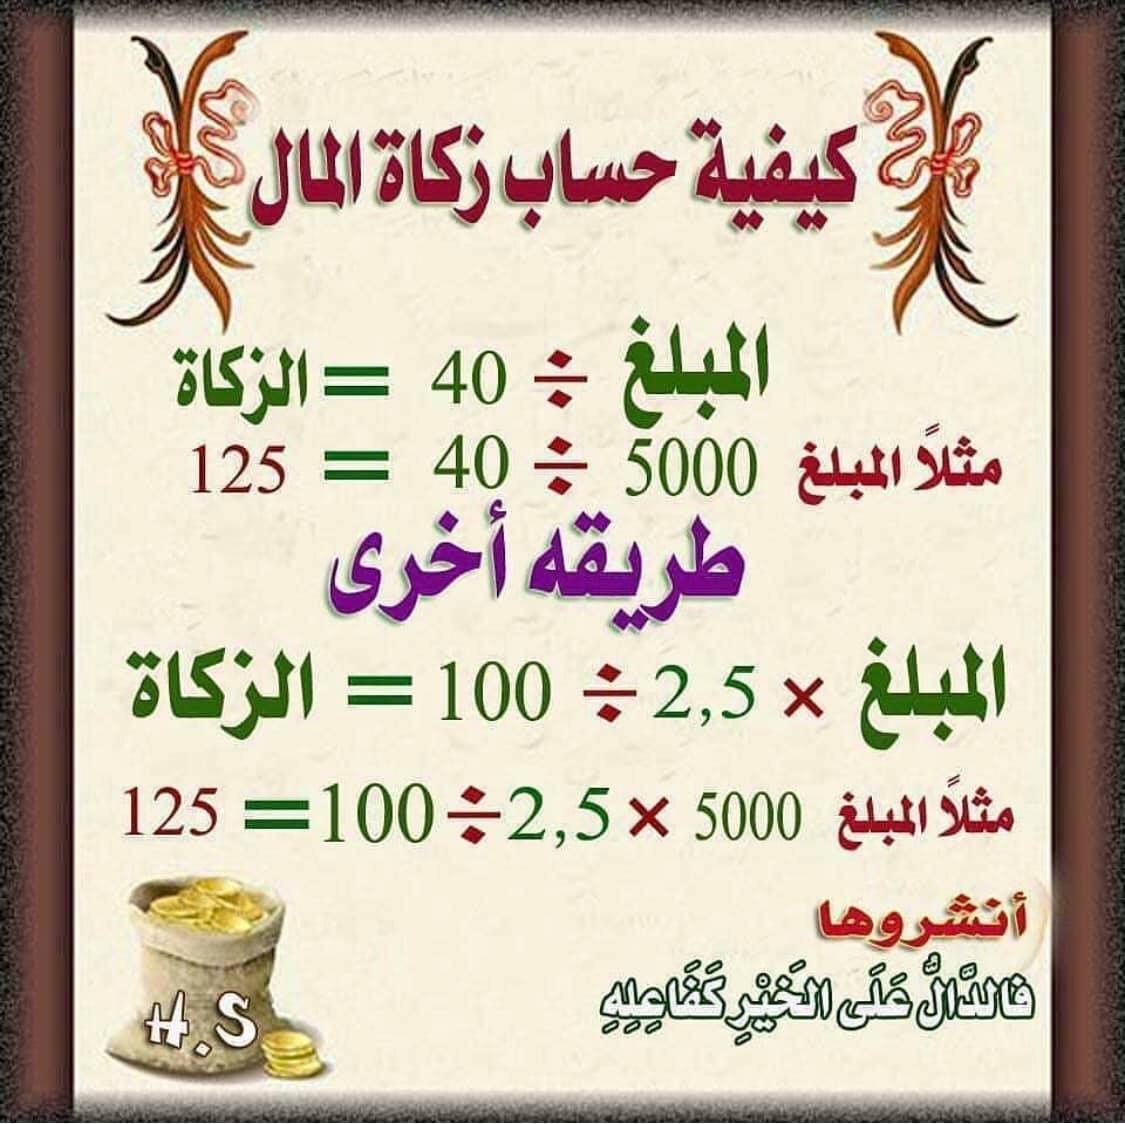 الزكاة Islam Facts Islam Beliefs Islamic Inspirational Quotes